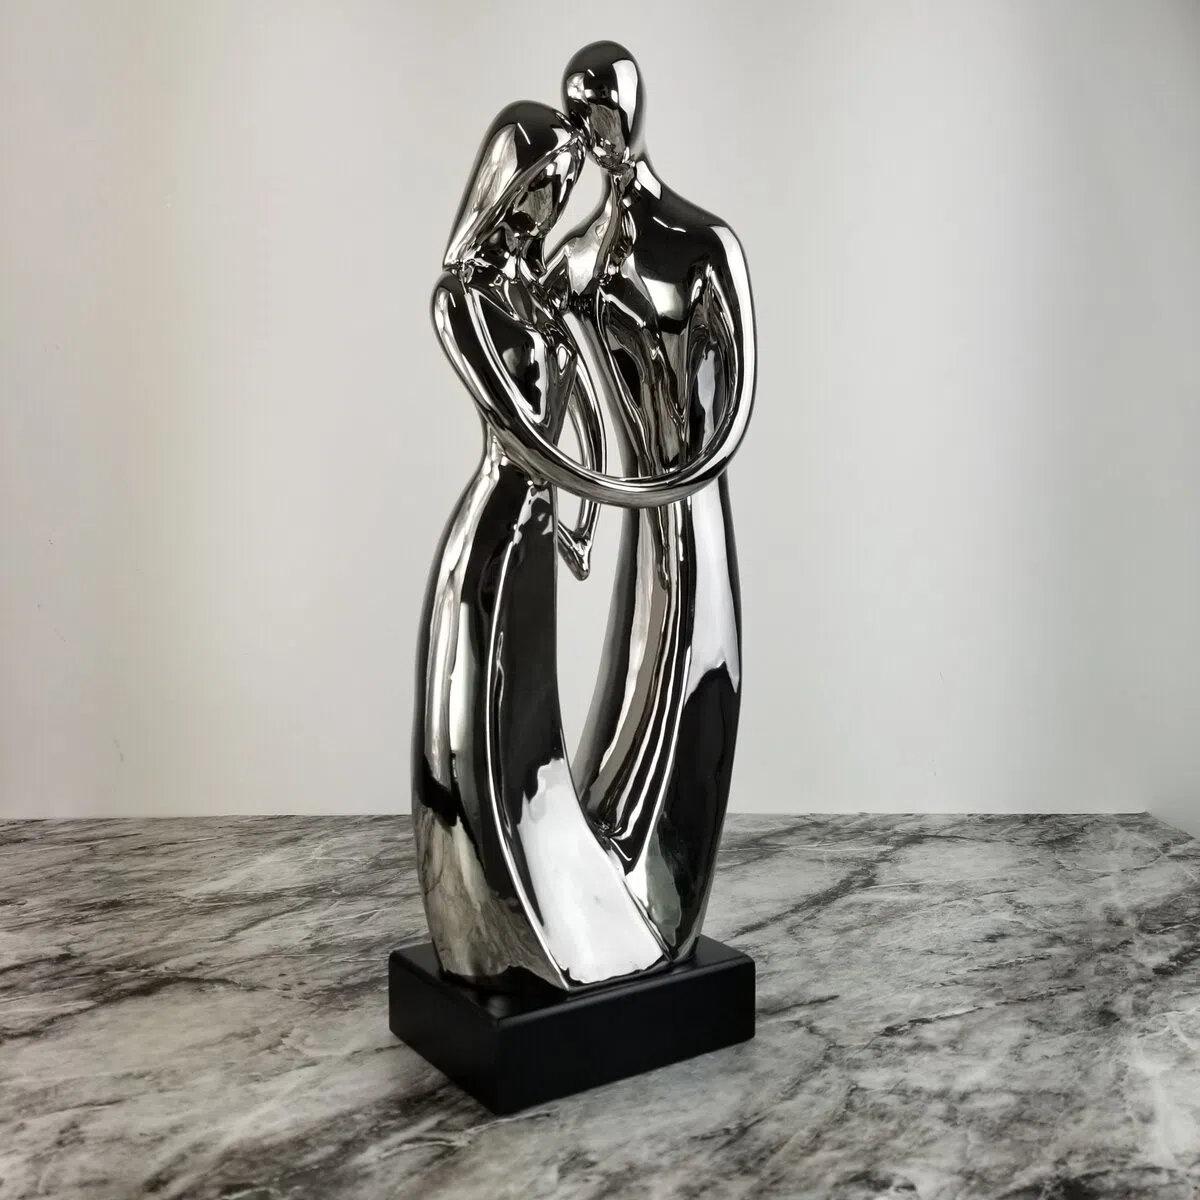 Escultura Figurativa Casal Apaixonado - Objeto Decorativo